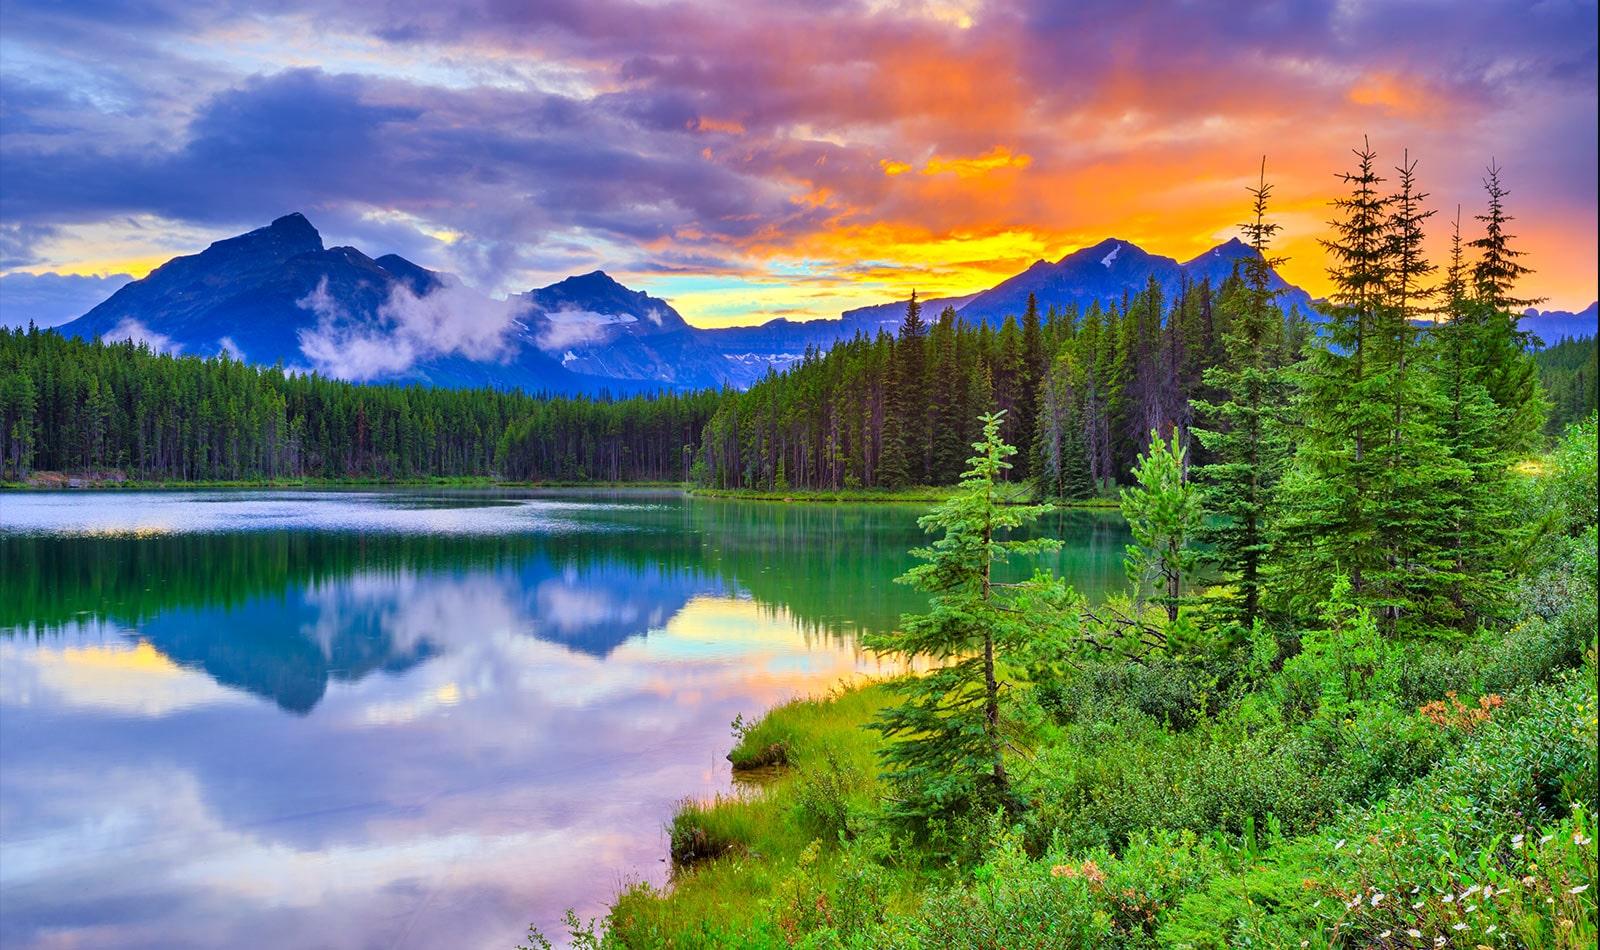 На этой карточке описано качество изображения. На изображении показан цветной закат на озере, окруженном лесом.